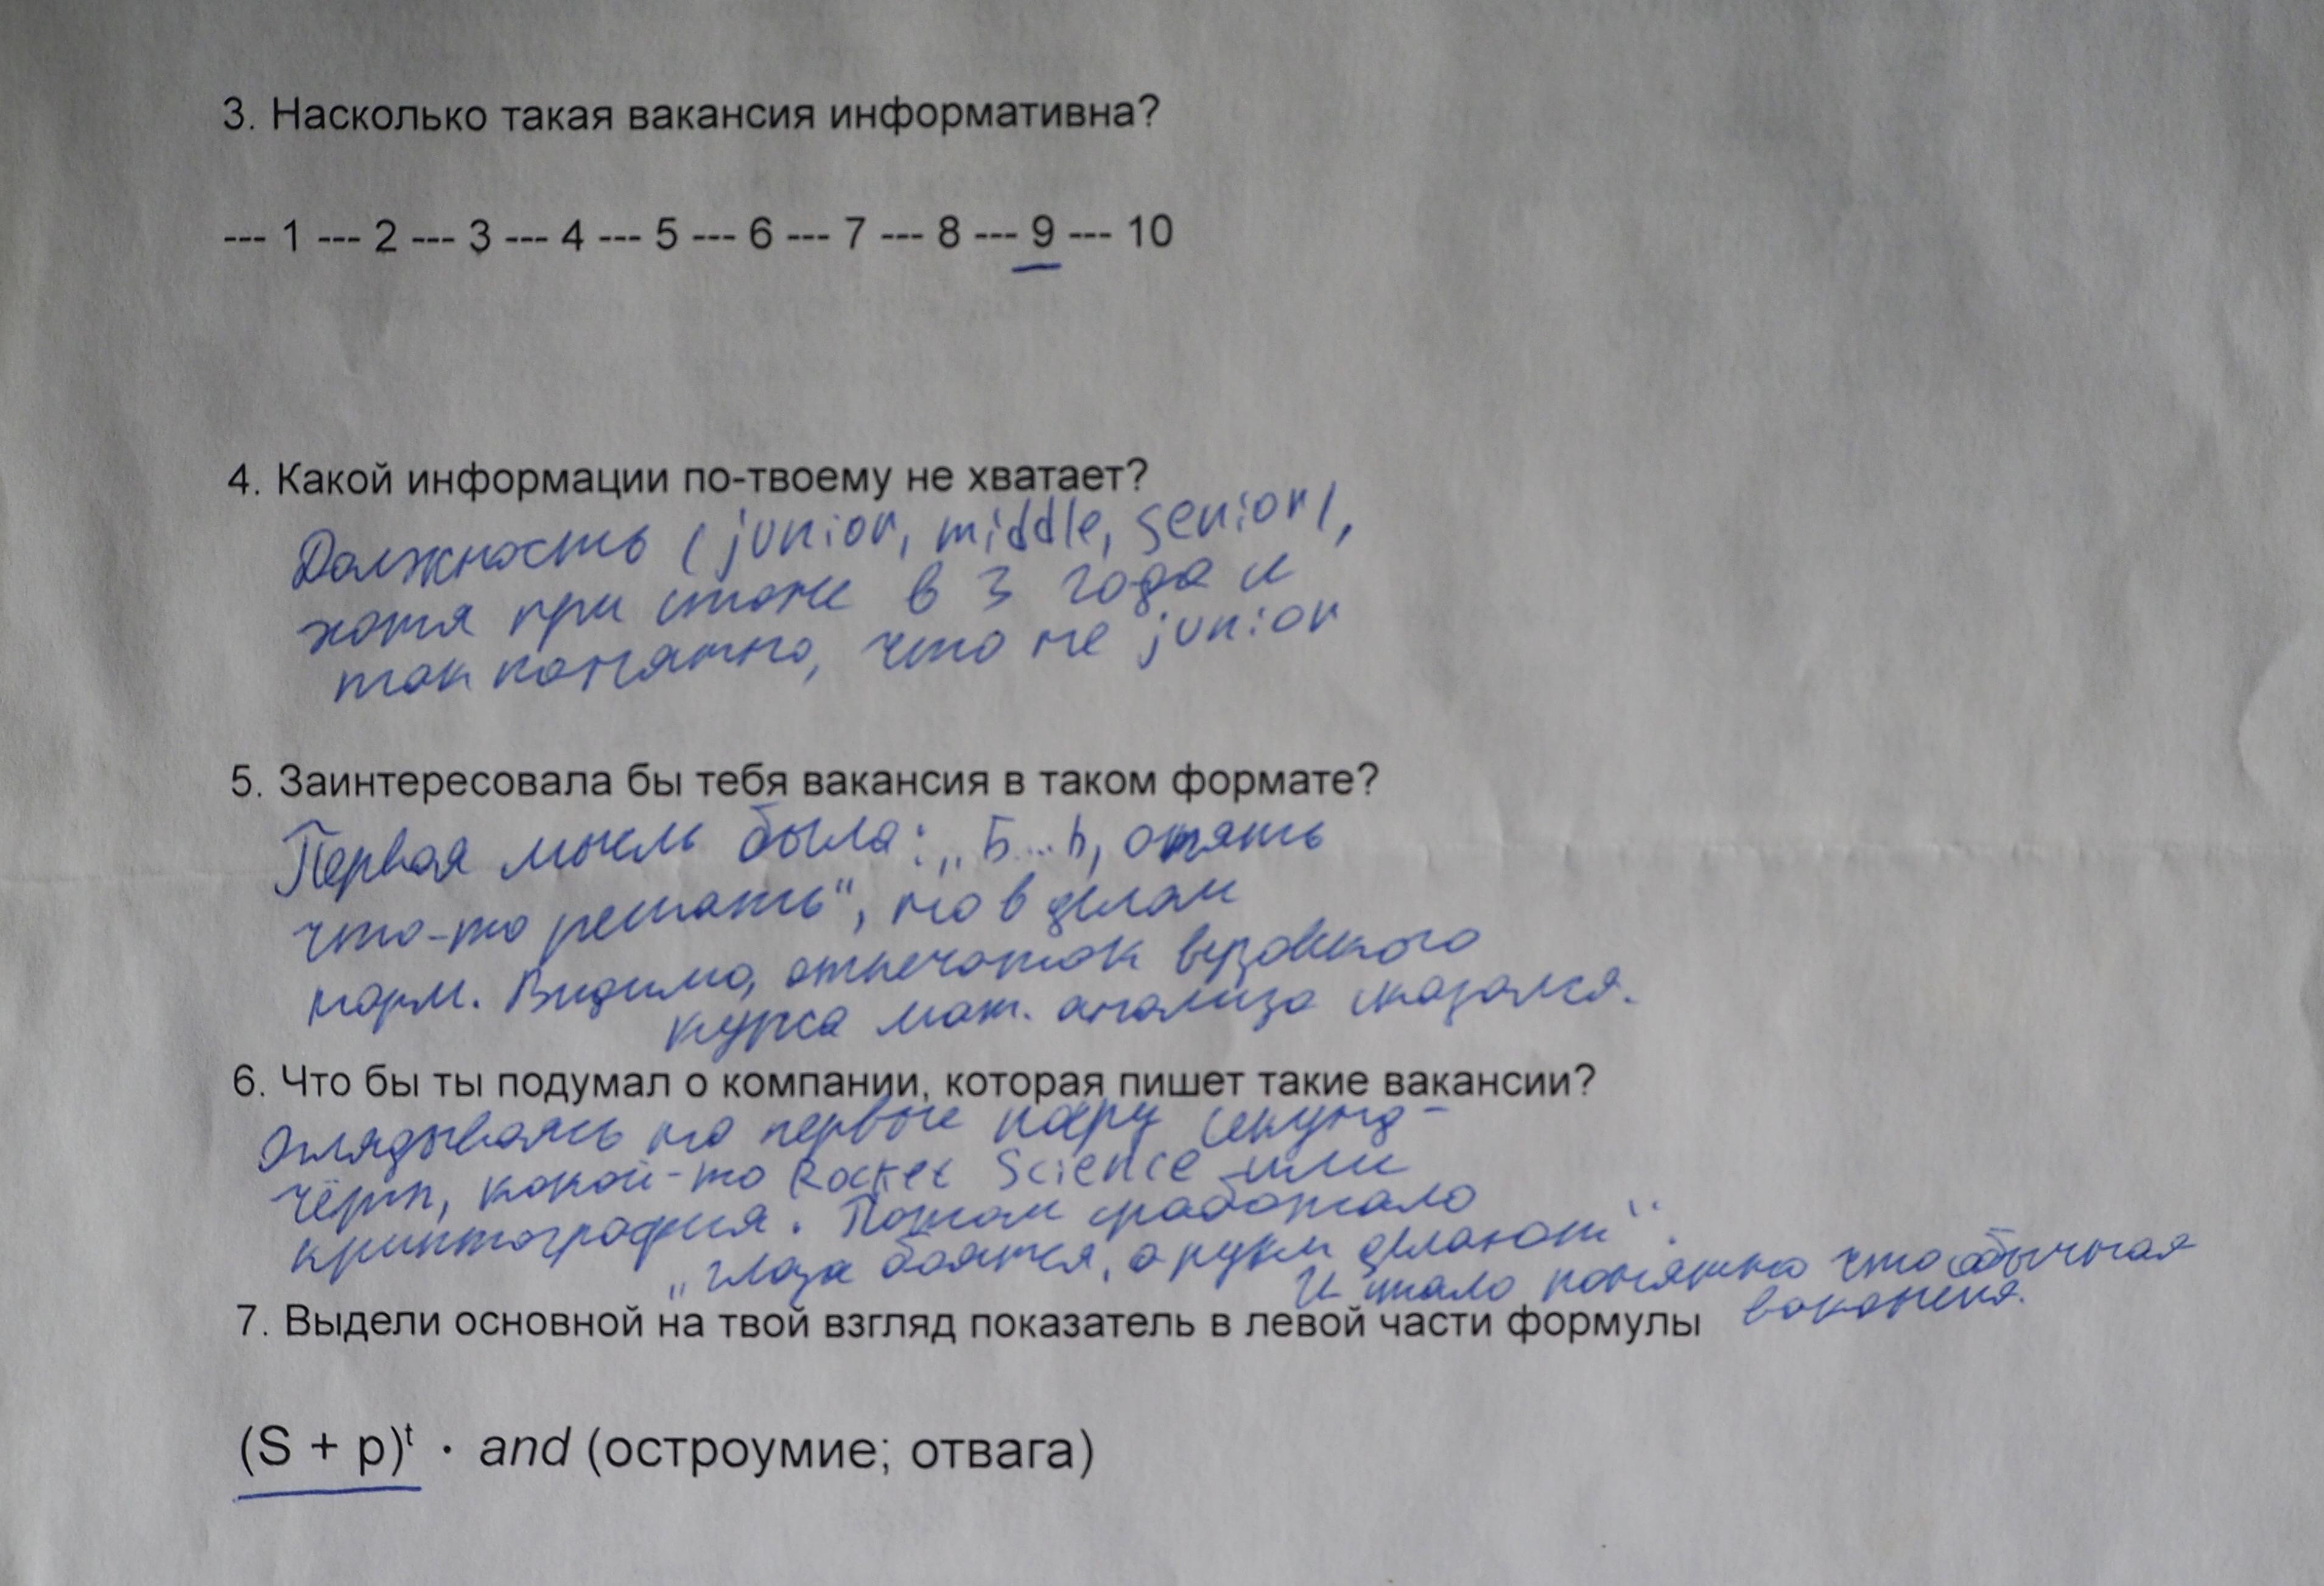 Формулируй это: как мы переписывали текст вакансии и скатились до решения математического неравенства